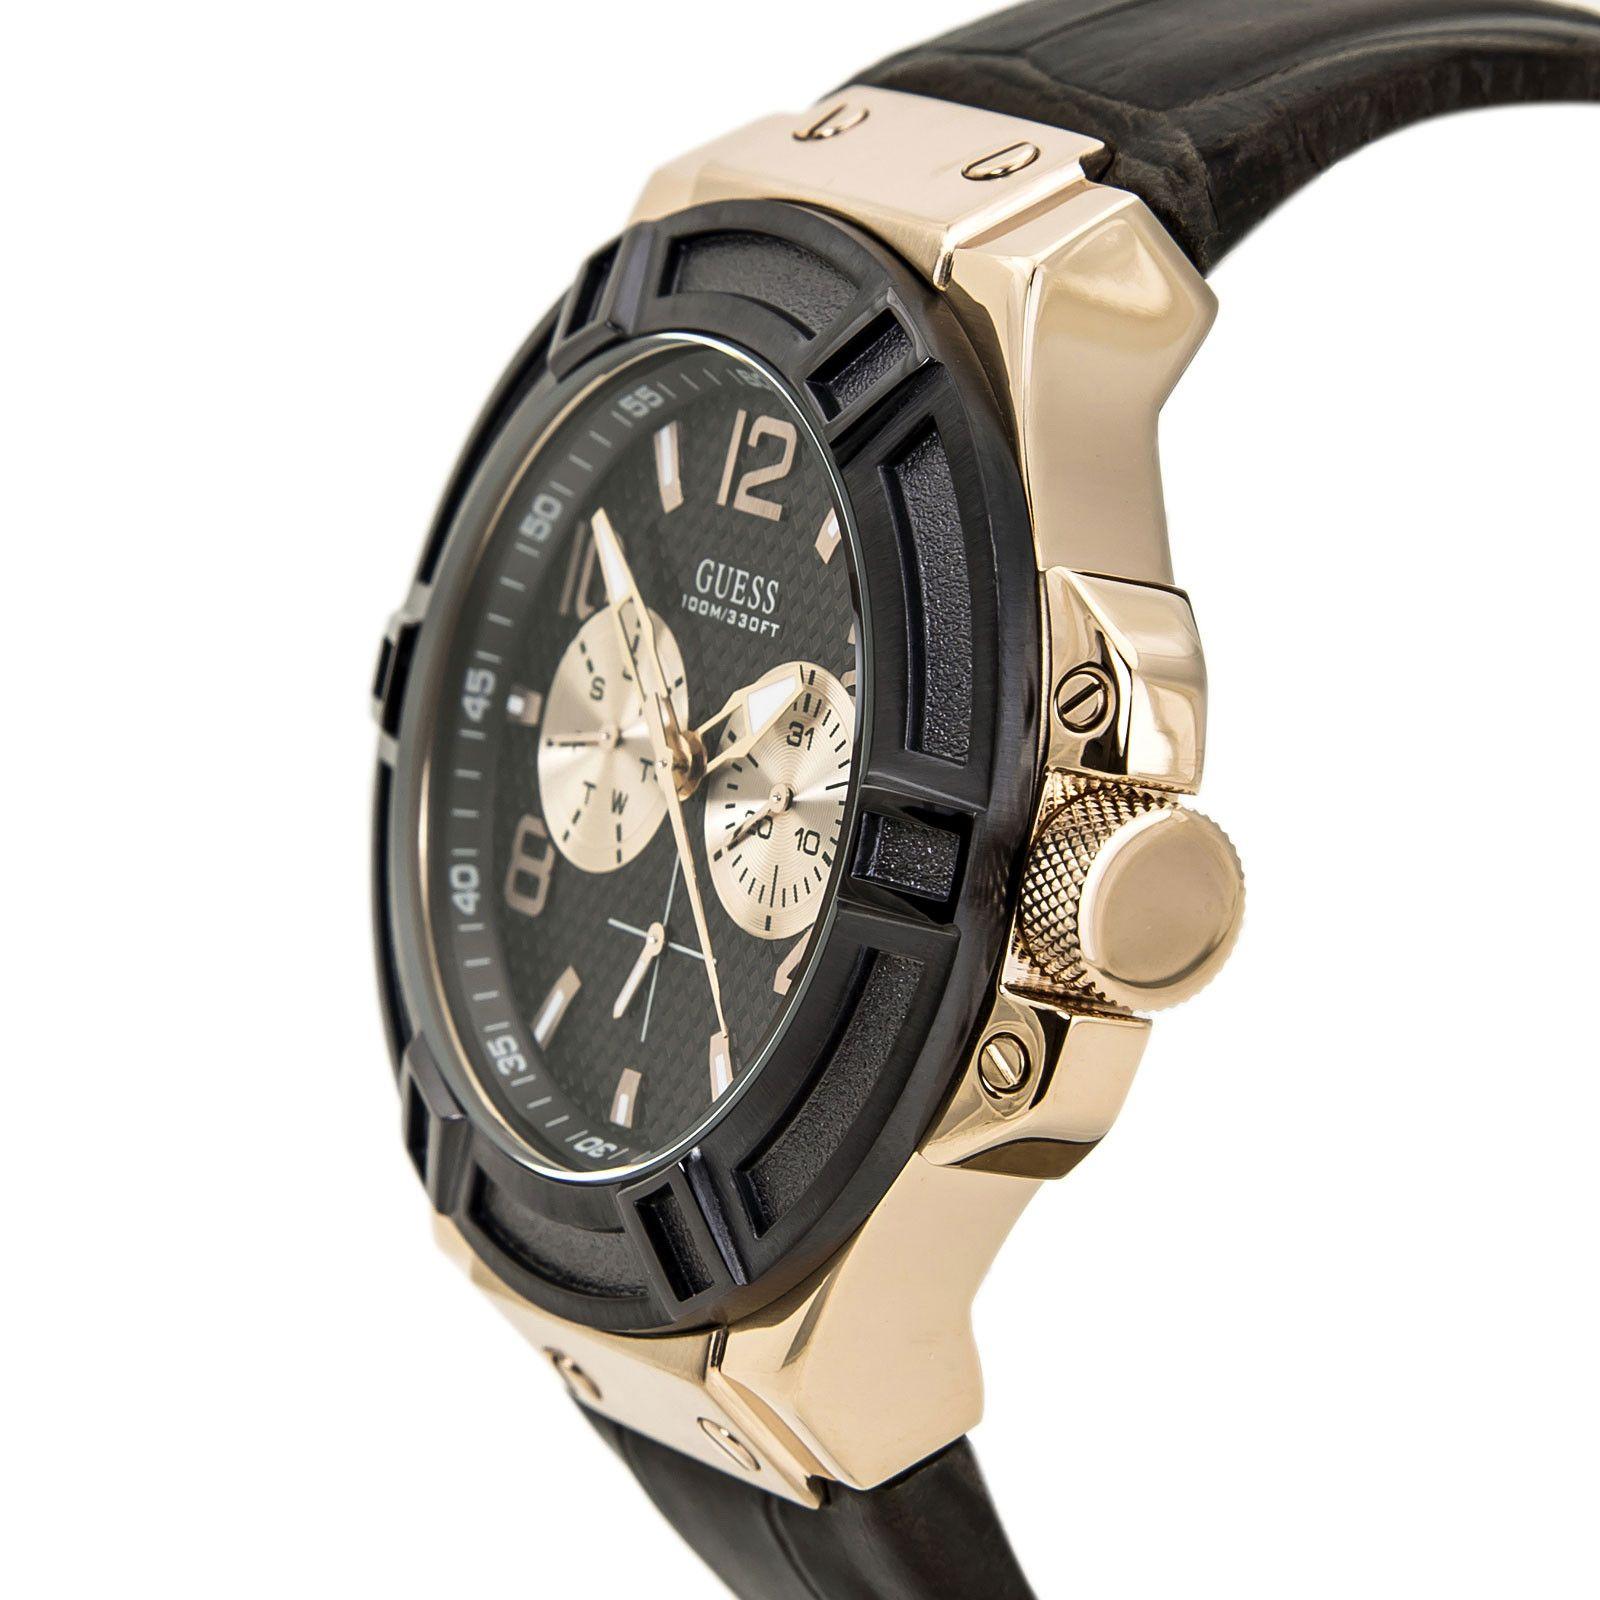 Case đồng hồ khá dày với 13mm tạo vẻ ngoài mạnh mẽ